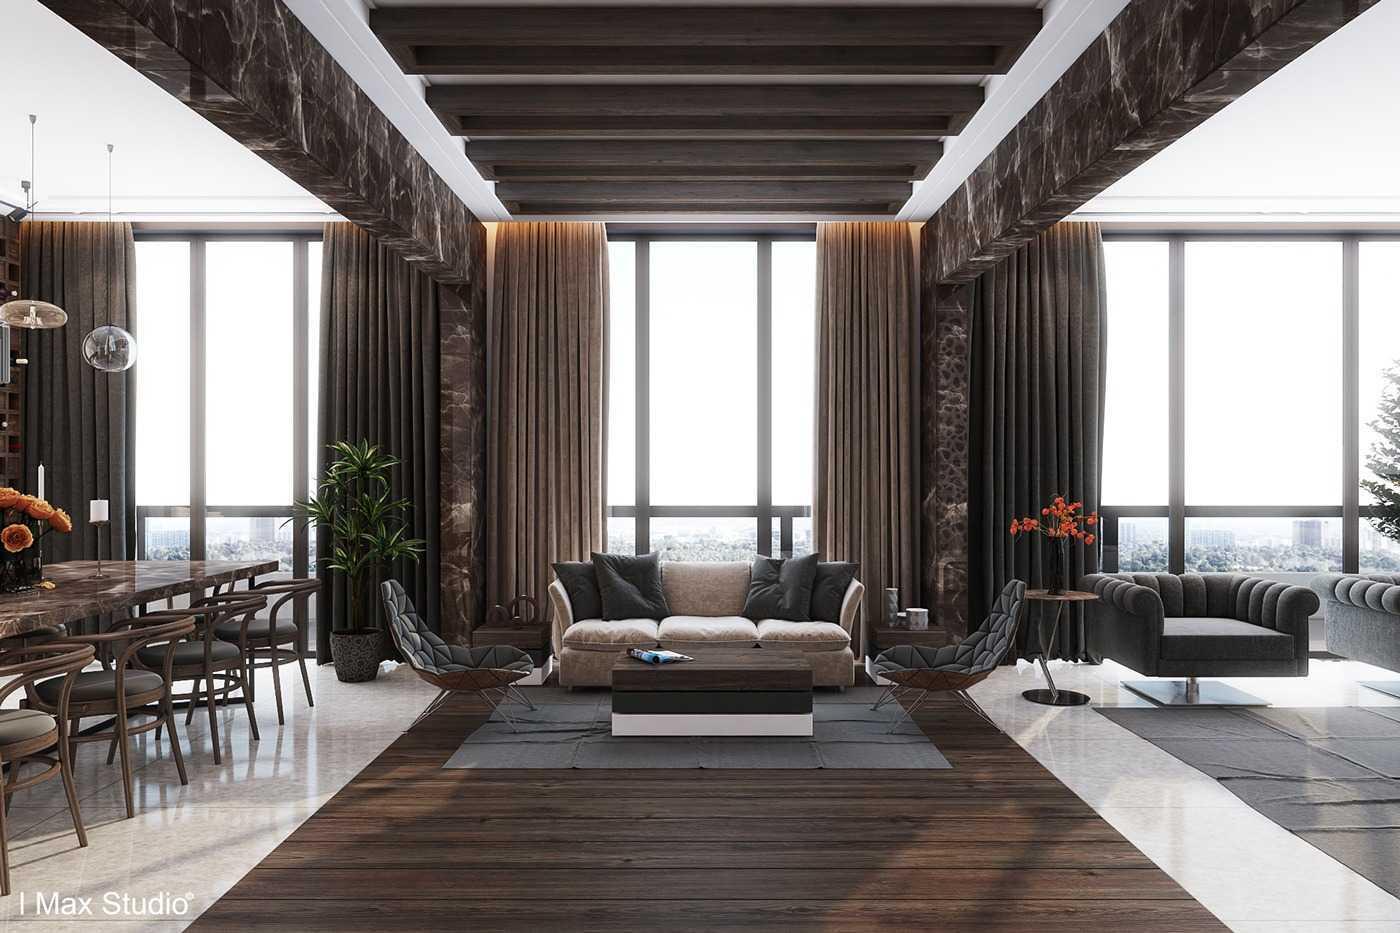 Tampilan apartment mewah dengan furnitur berukuran besar (Sumber: home-designing.com)